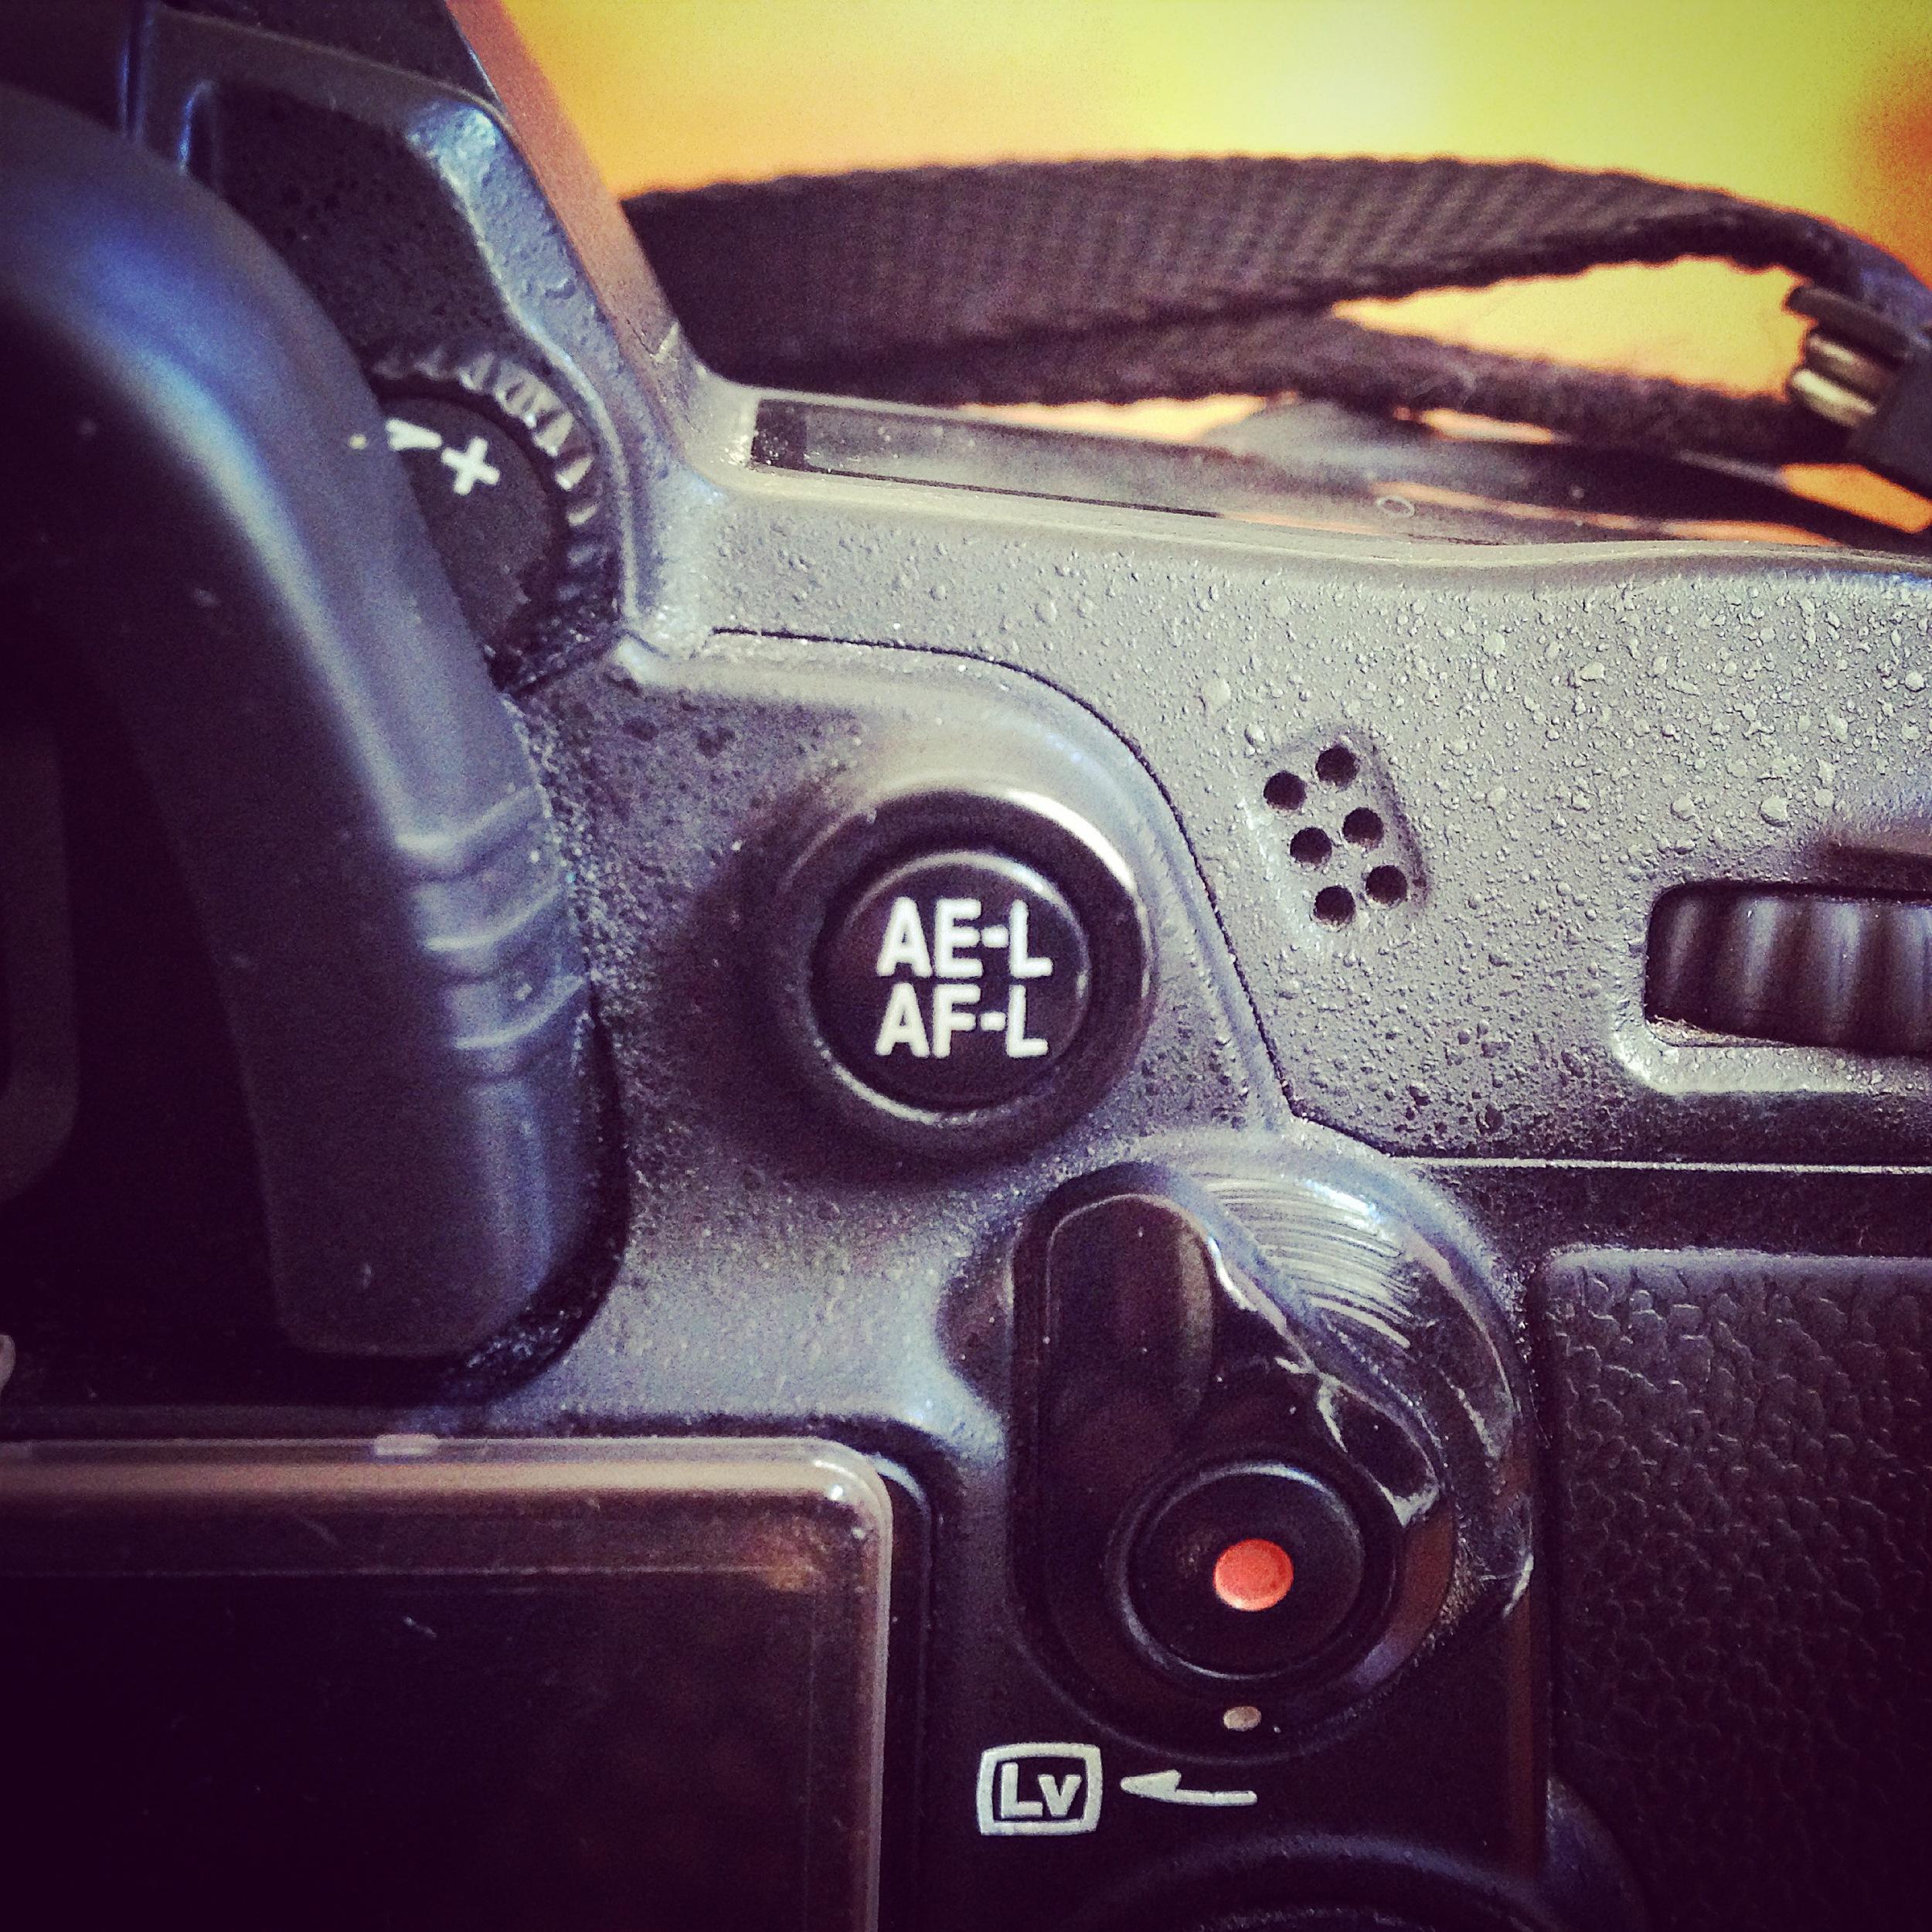 BackButton_AEL_Nikon D7000